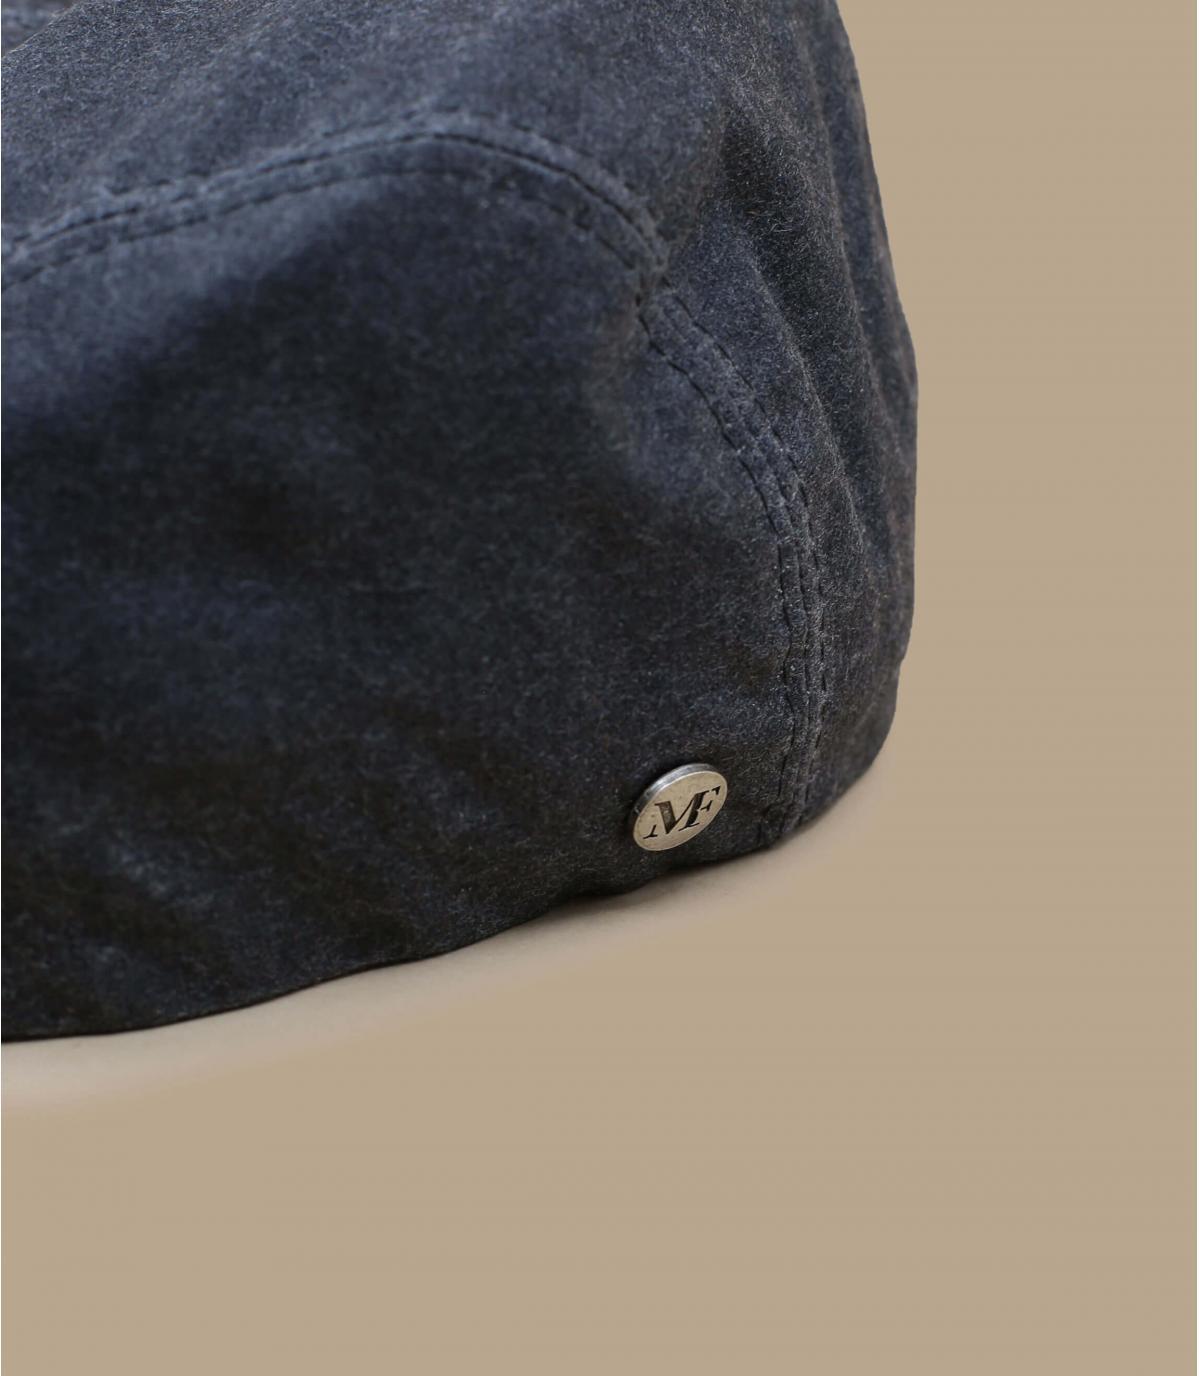 Flatcap grau wasserfest